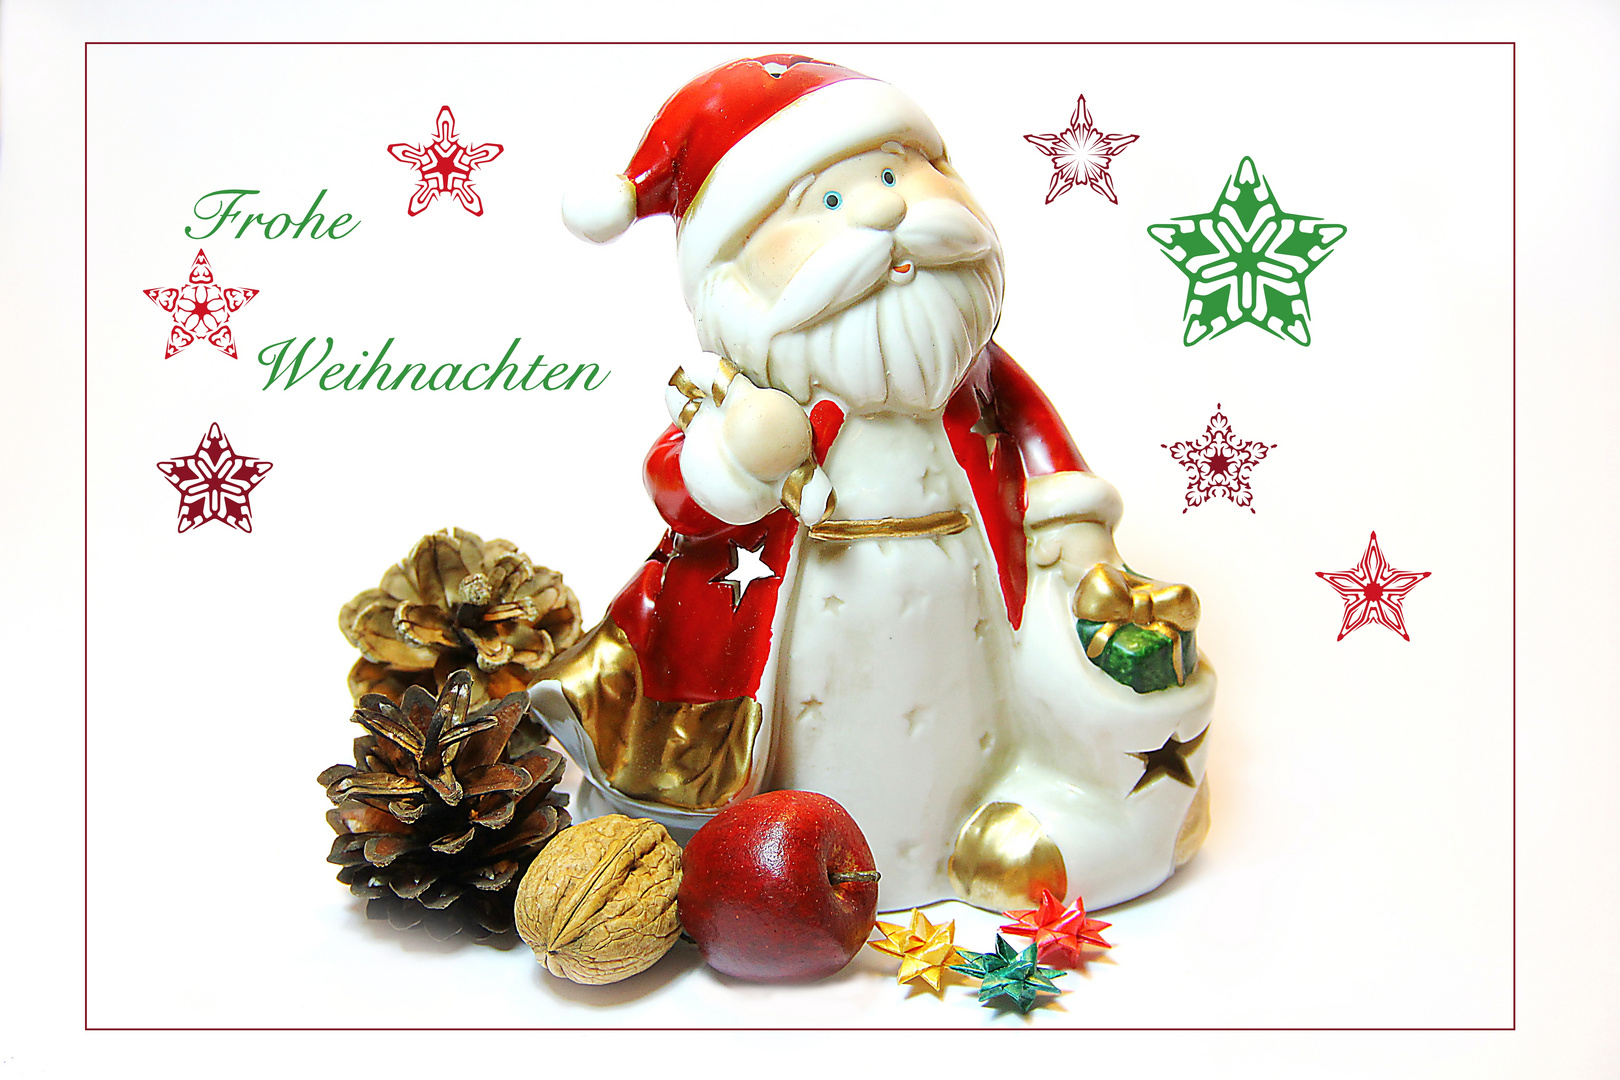 Weihnachtswünsche Mit Dankeschön.Weihnachtswünsche Foto Bild Karten Und Kalender